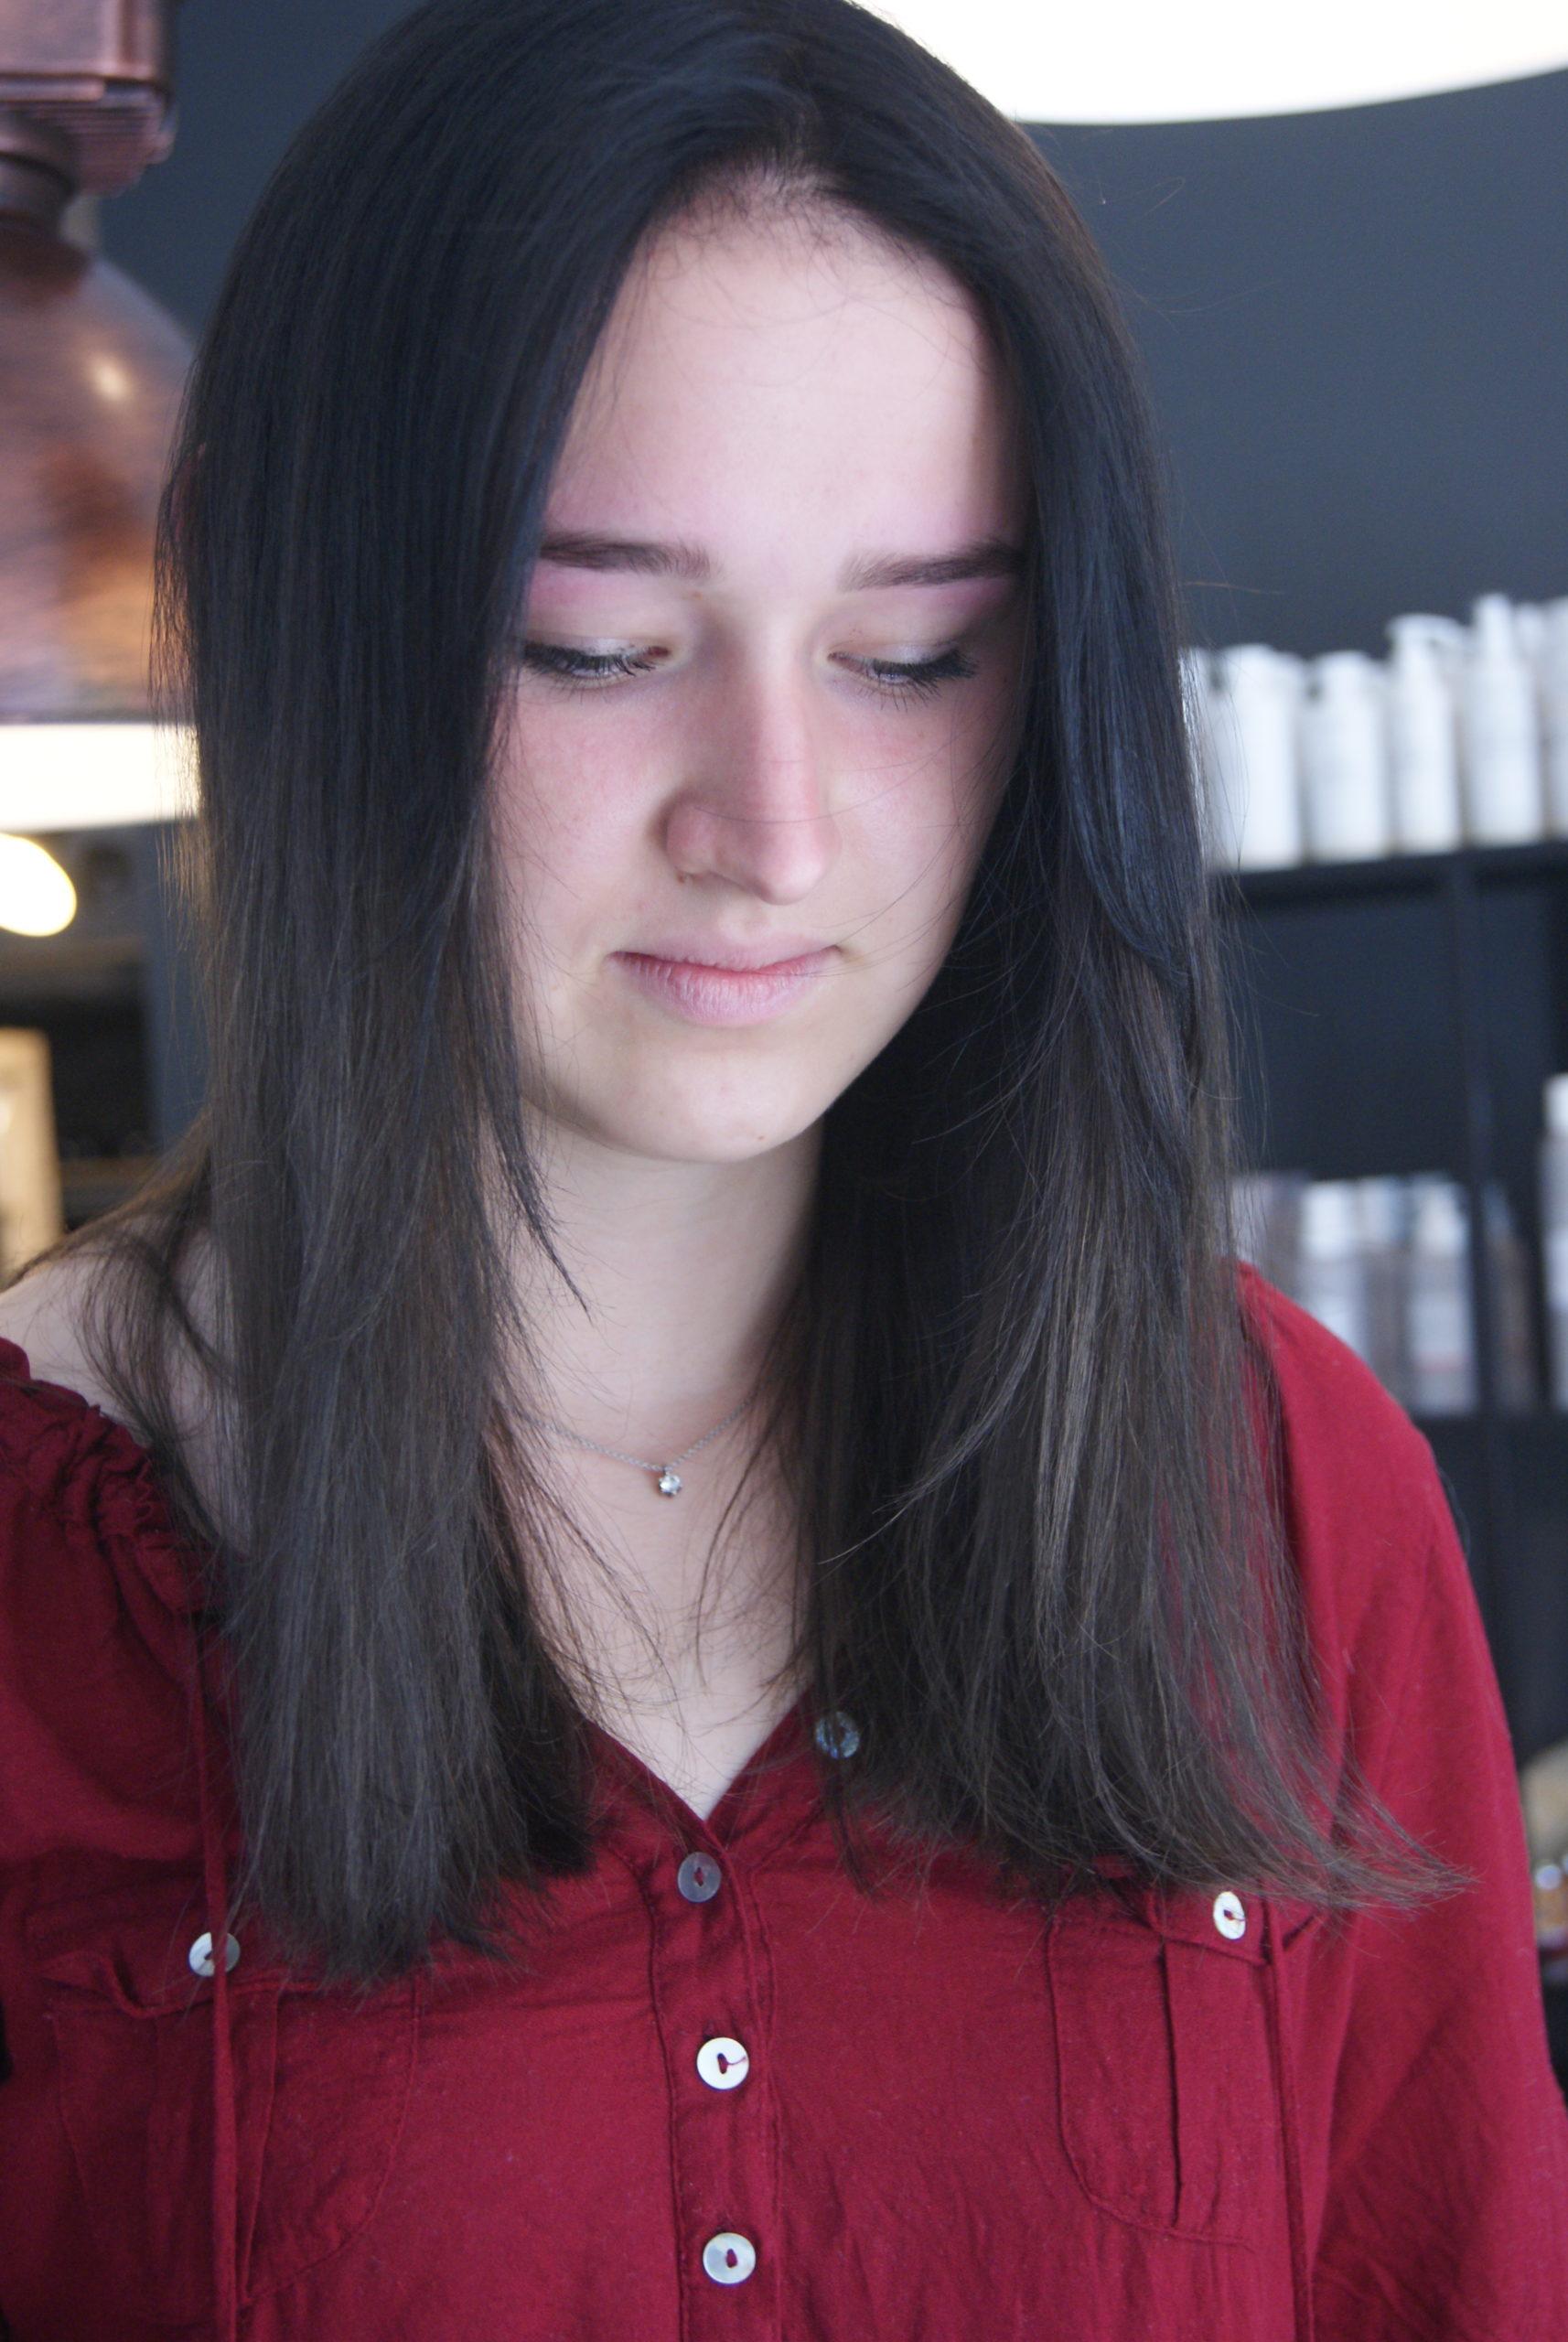 haar kleuren kapper zutphen